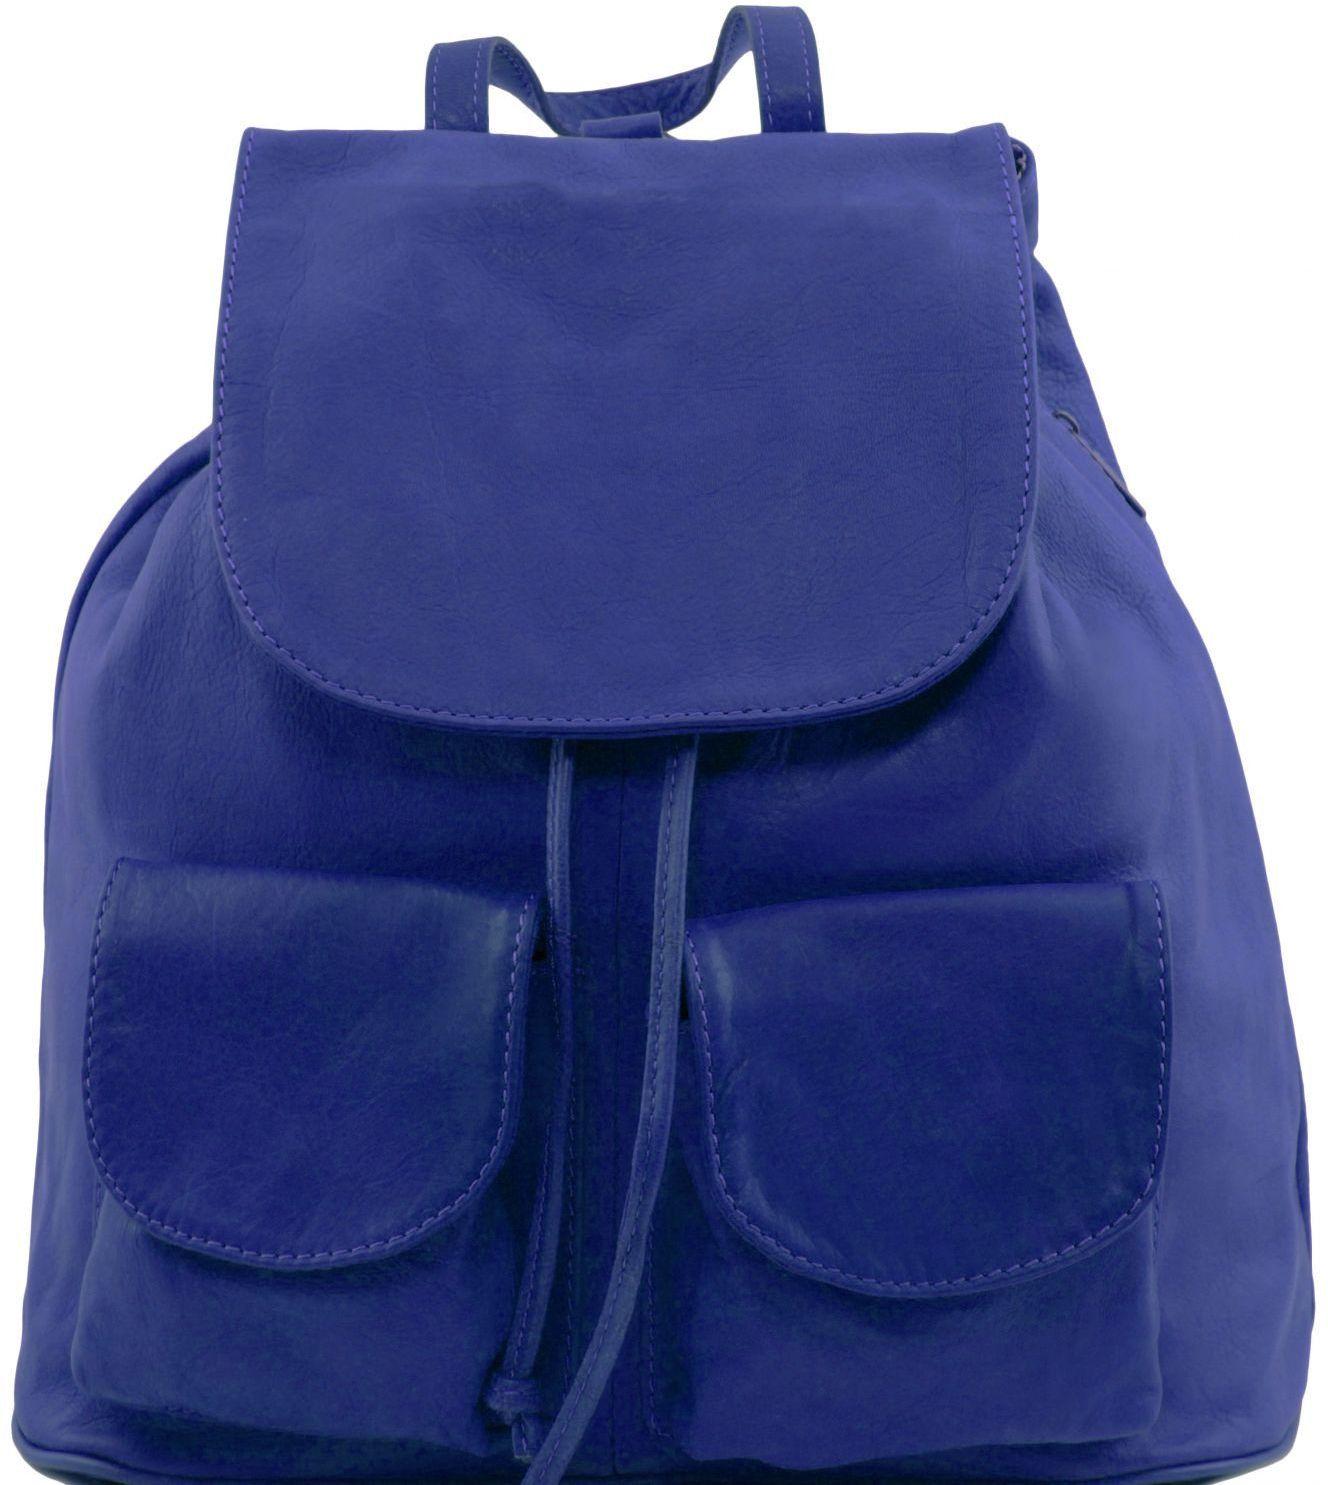 Γυναικεία Τσάντα Δερμάτινη Seoul S Μπλε Tuscany Leather γυναίκα   τσάντες πλάτης